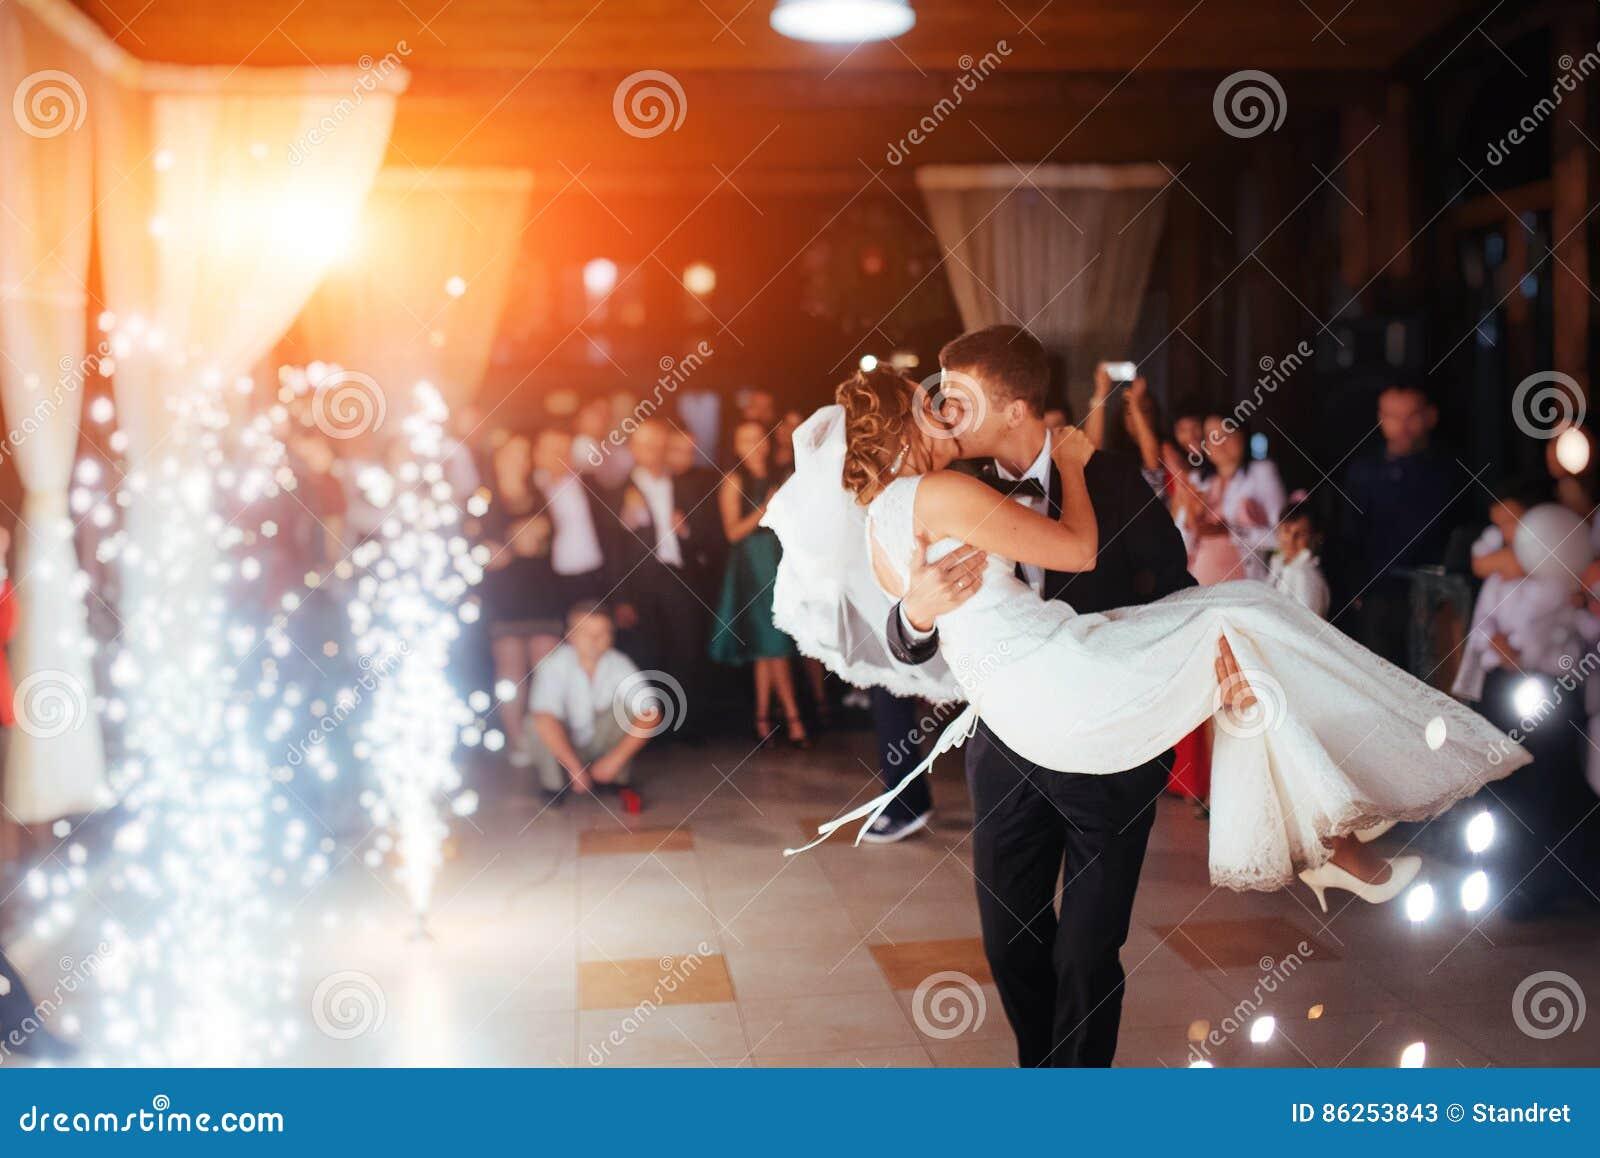 Glückliche Braut und Bräutigam ein ihr erster Tanz, heiratend